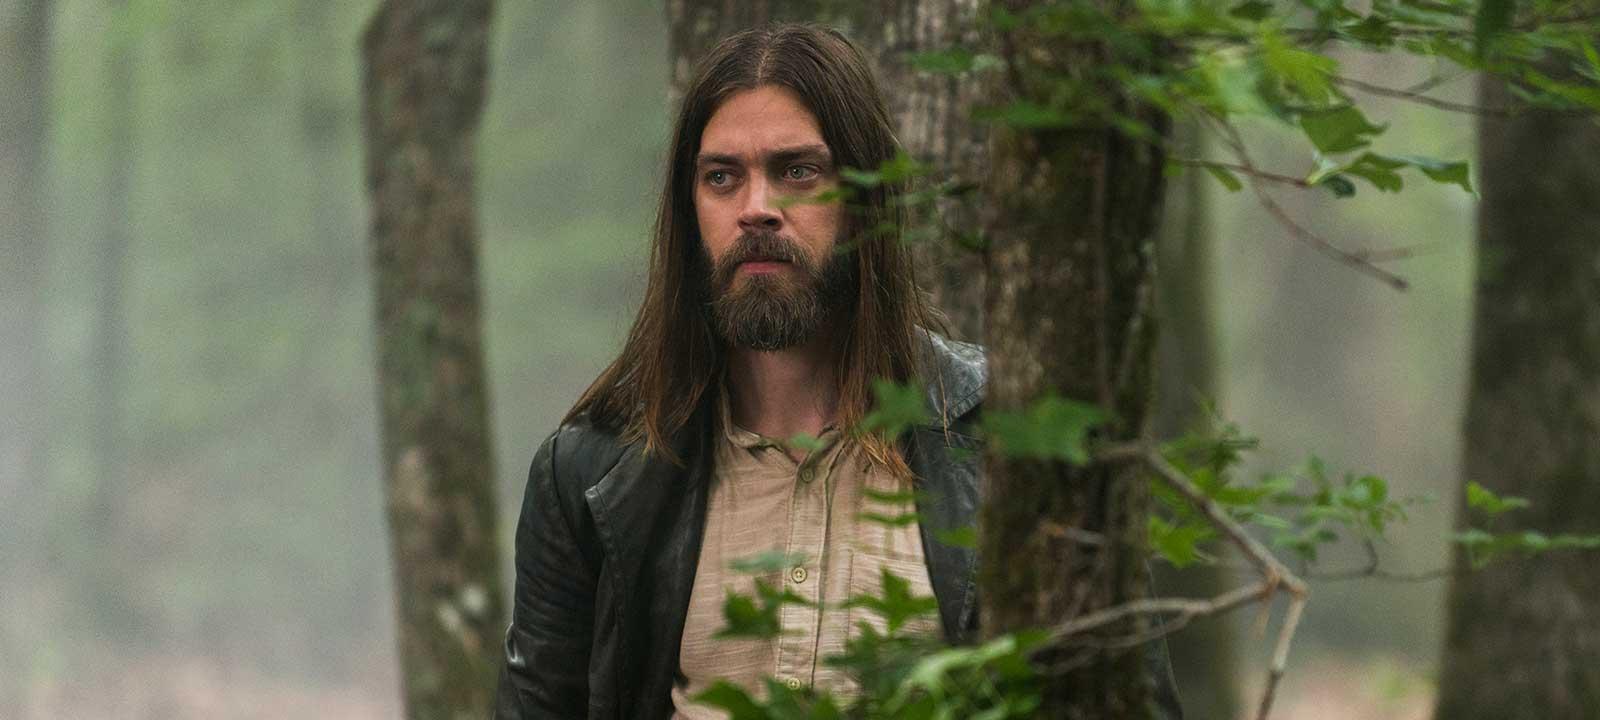 the-walking-dead-episode-803-jesus-payne-800×600-interview